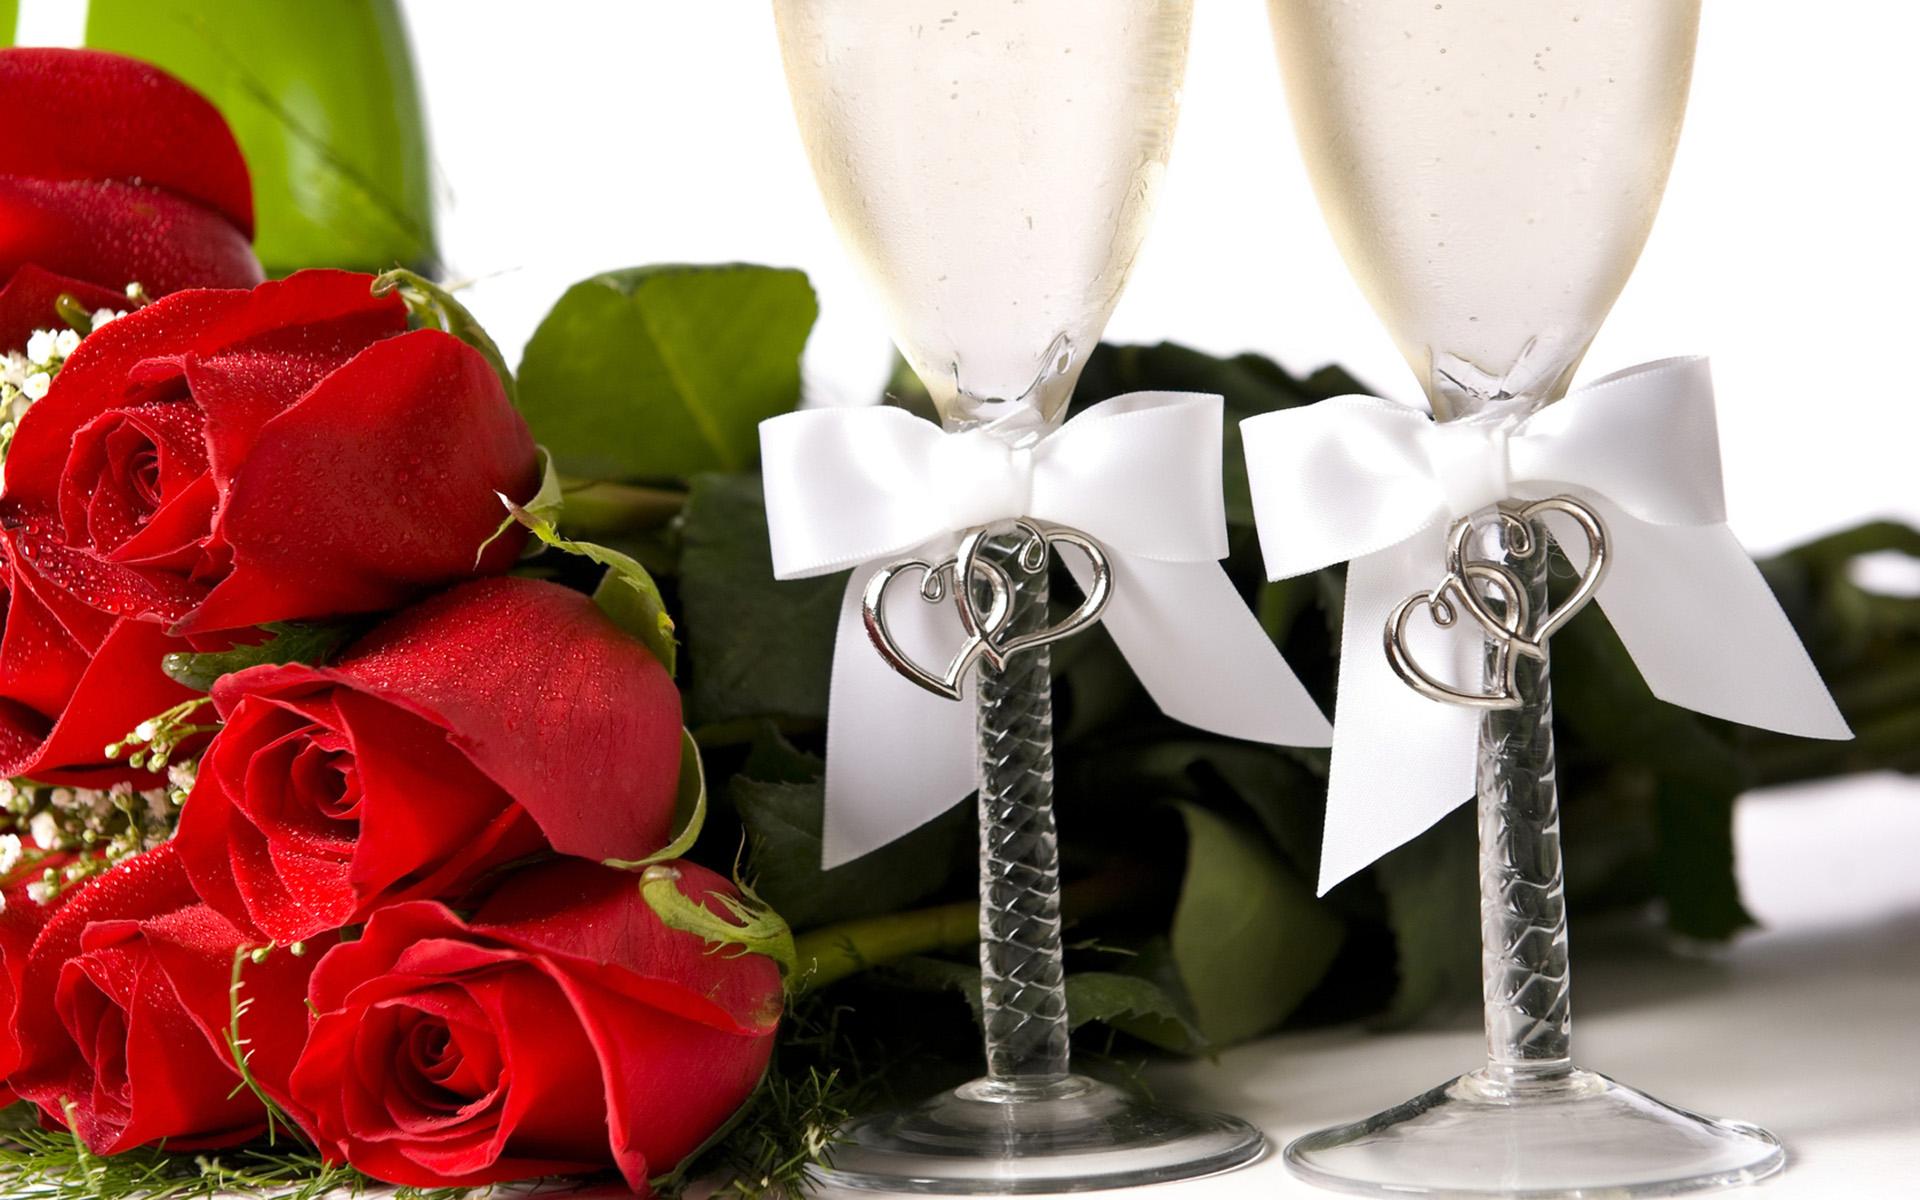 Поздравление с днем рождения супружеской паре в прозе